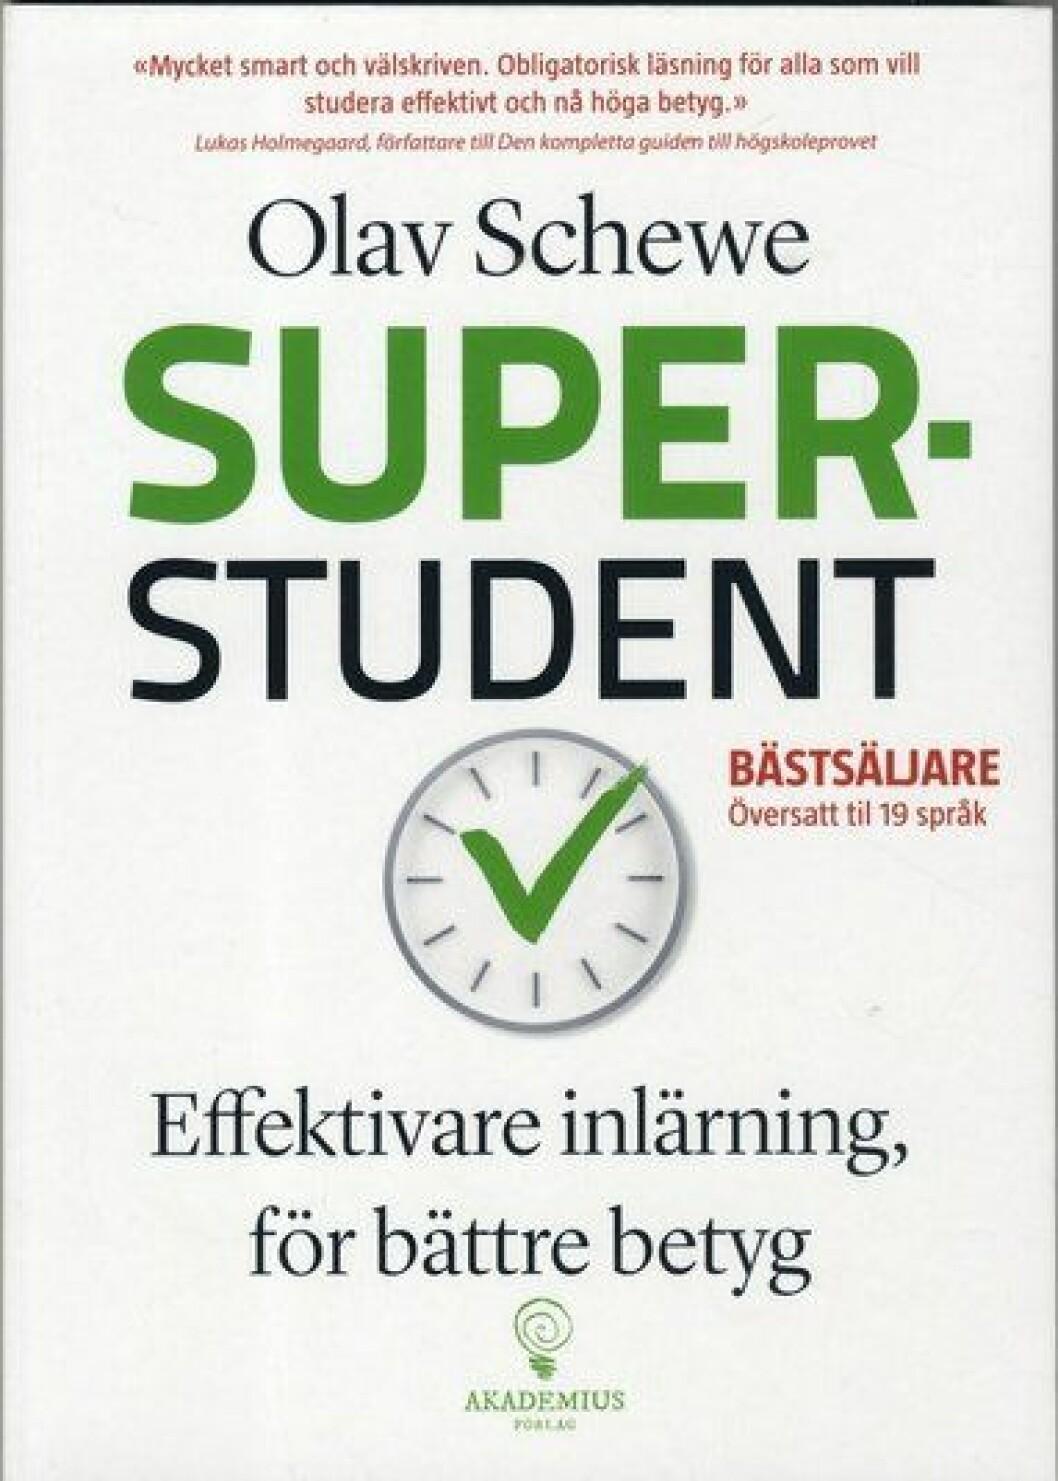 Bokomslag till Superstudent, en klocka med ett grönt checkmärke.